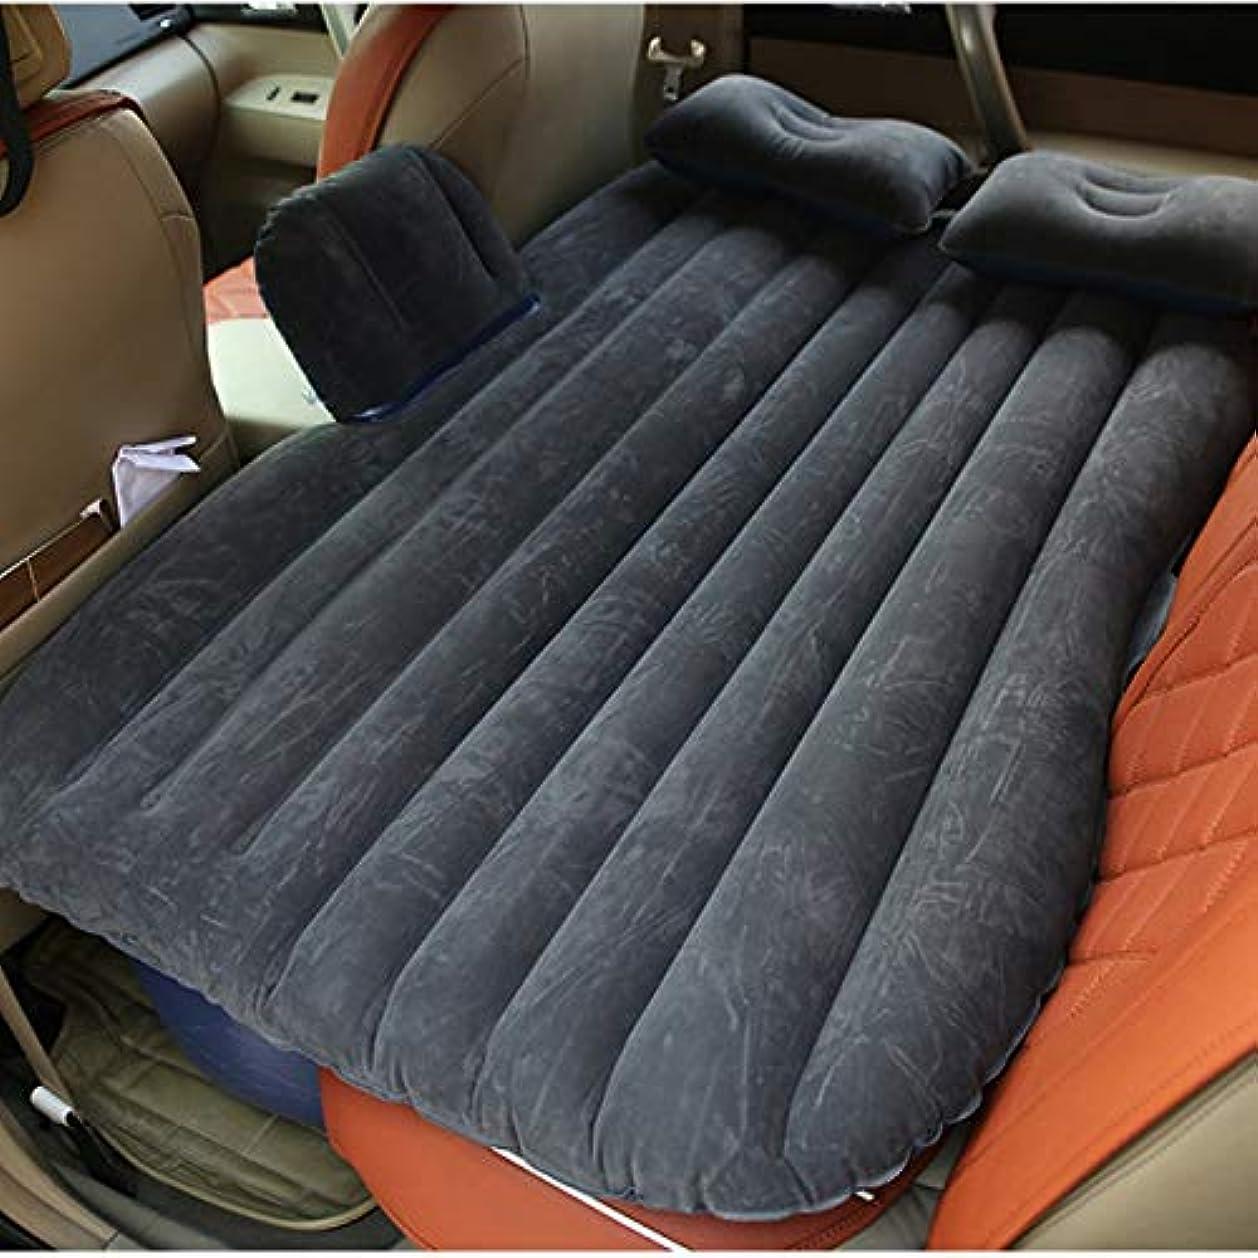 ピービッシュ乳剤求めるSaikogoods 車内用大型耐久性に優れたカーバックシートカバーカーエアマットレス旅行ベッド防湿インフレータブルマットレスエアーベッド 黒